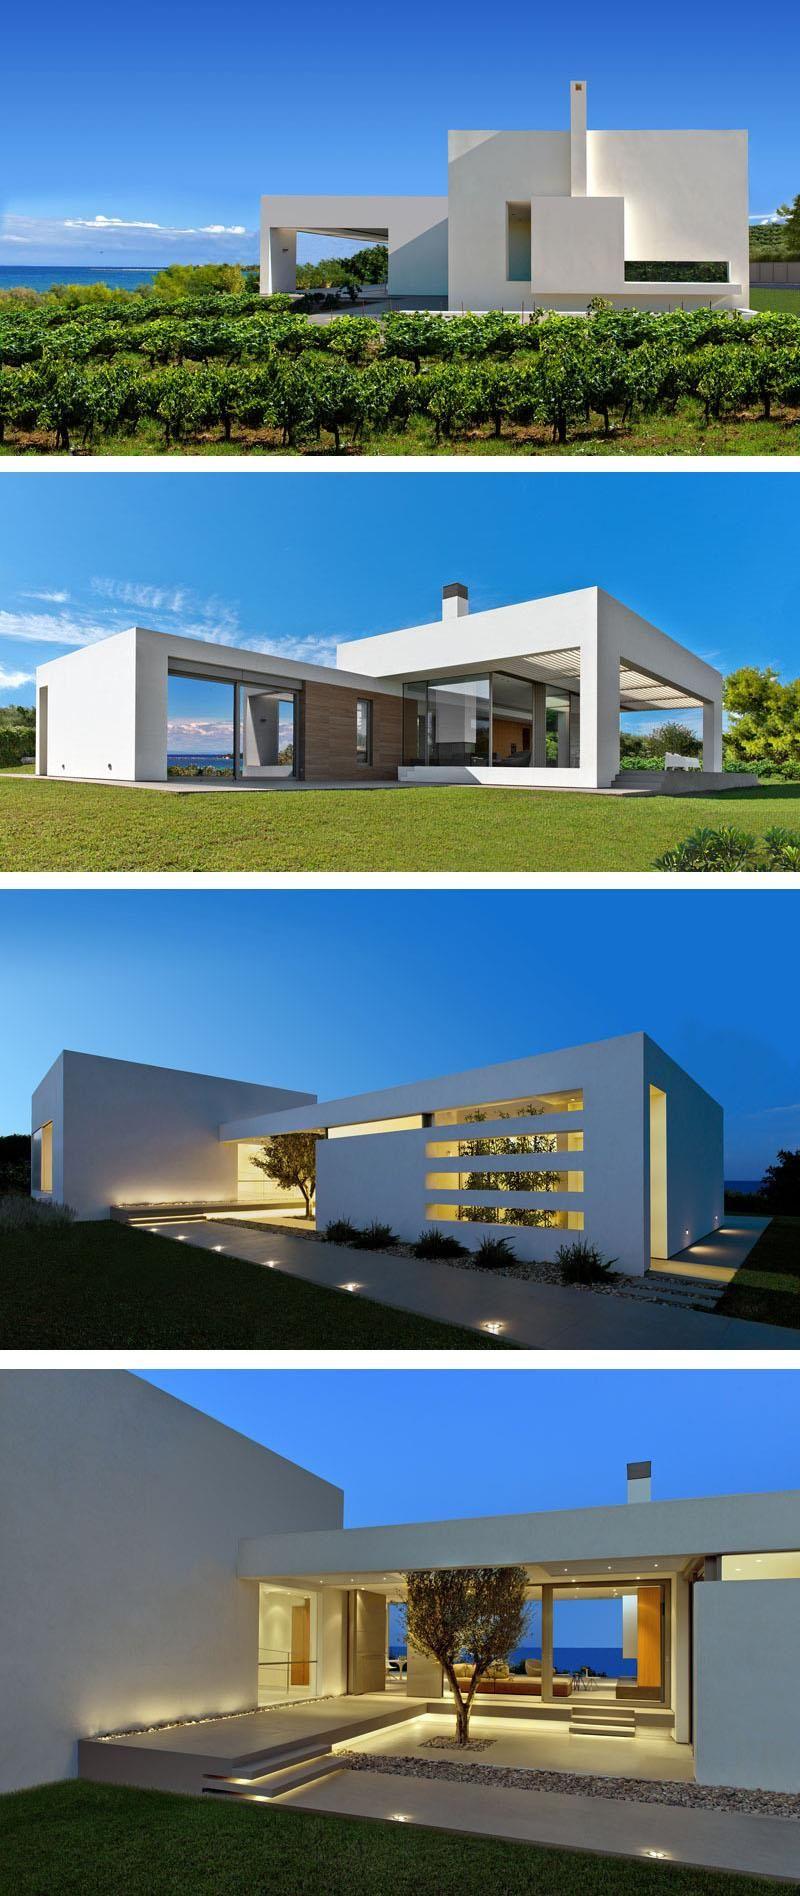 Pin von Charles Vazquez auf rings | Pinterest | Architektur, Moderne ...